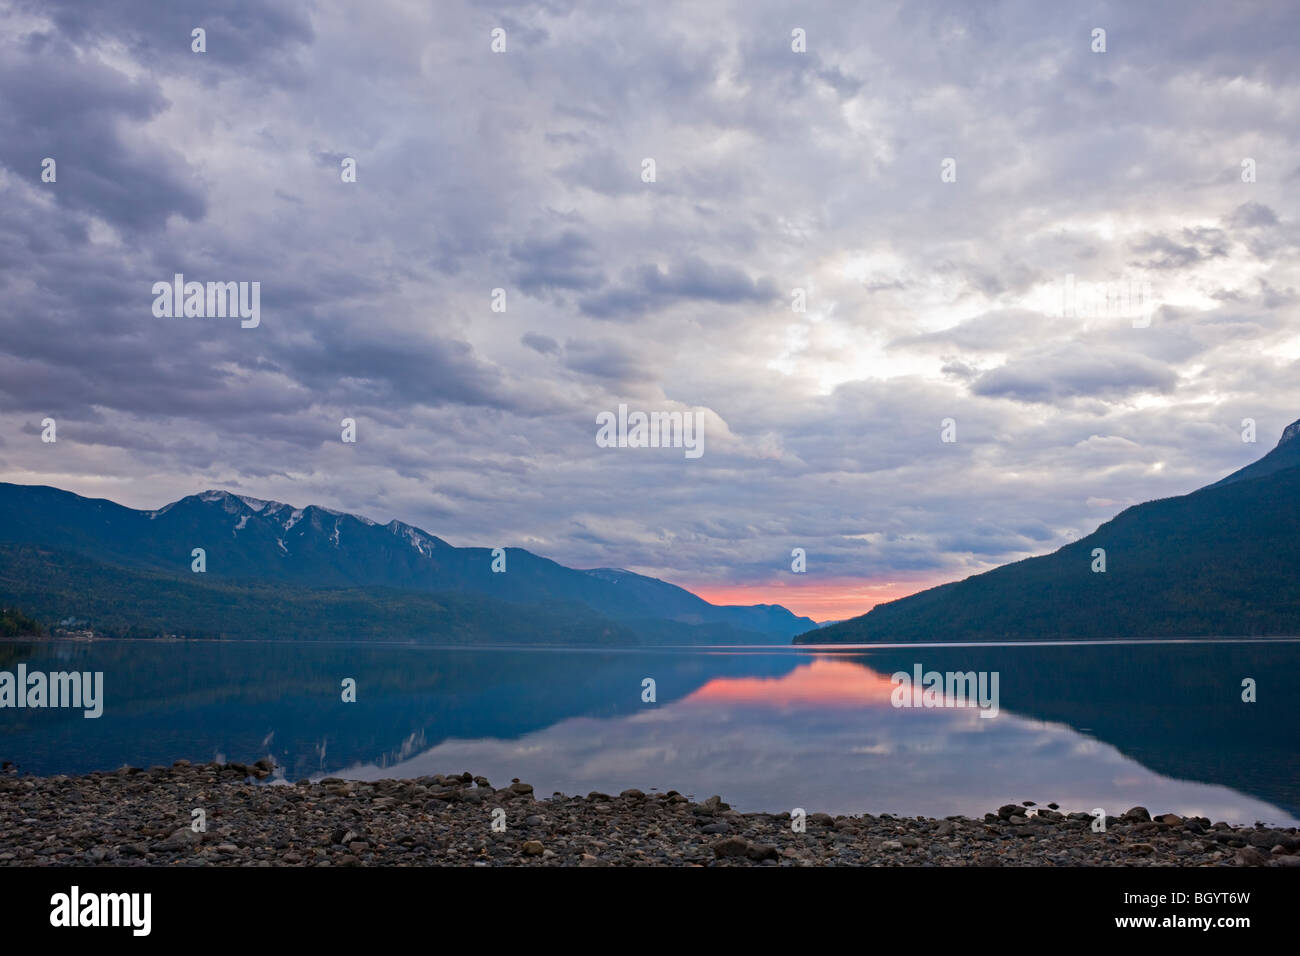 Lago Slocan al atardecer desde la ciudad de Denver, Nuevo Valle Slocan, Central de Kootenay, British Columbia, Canadá. Imagen De Stock